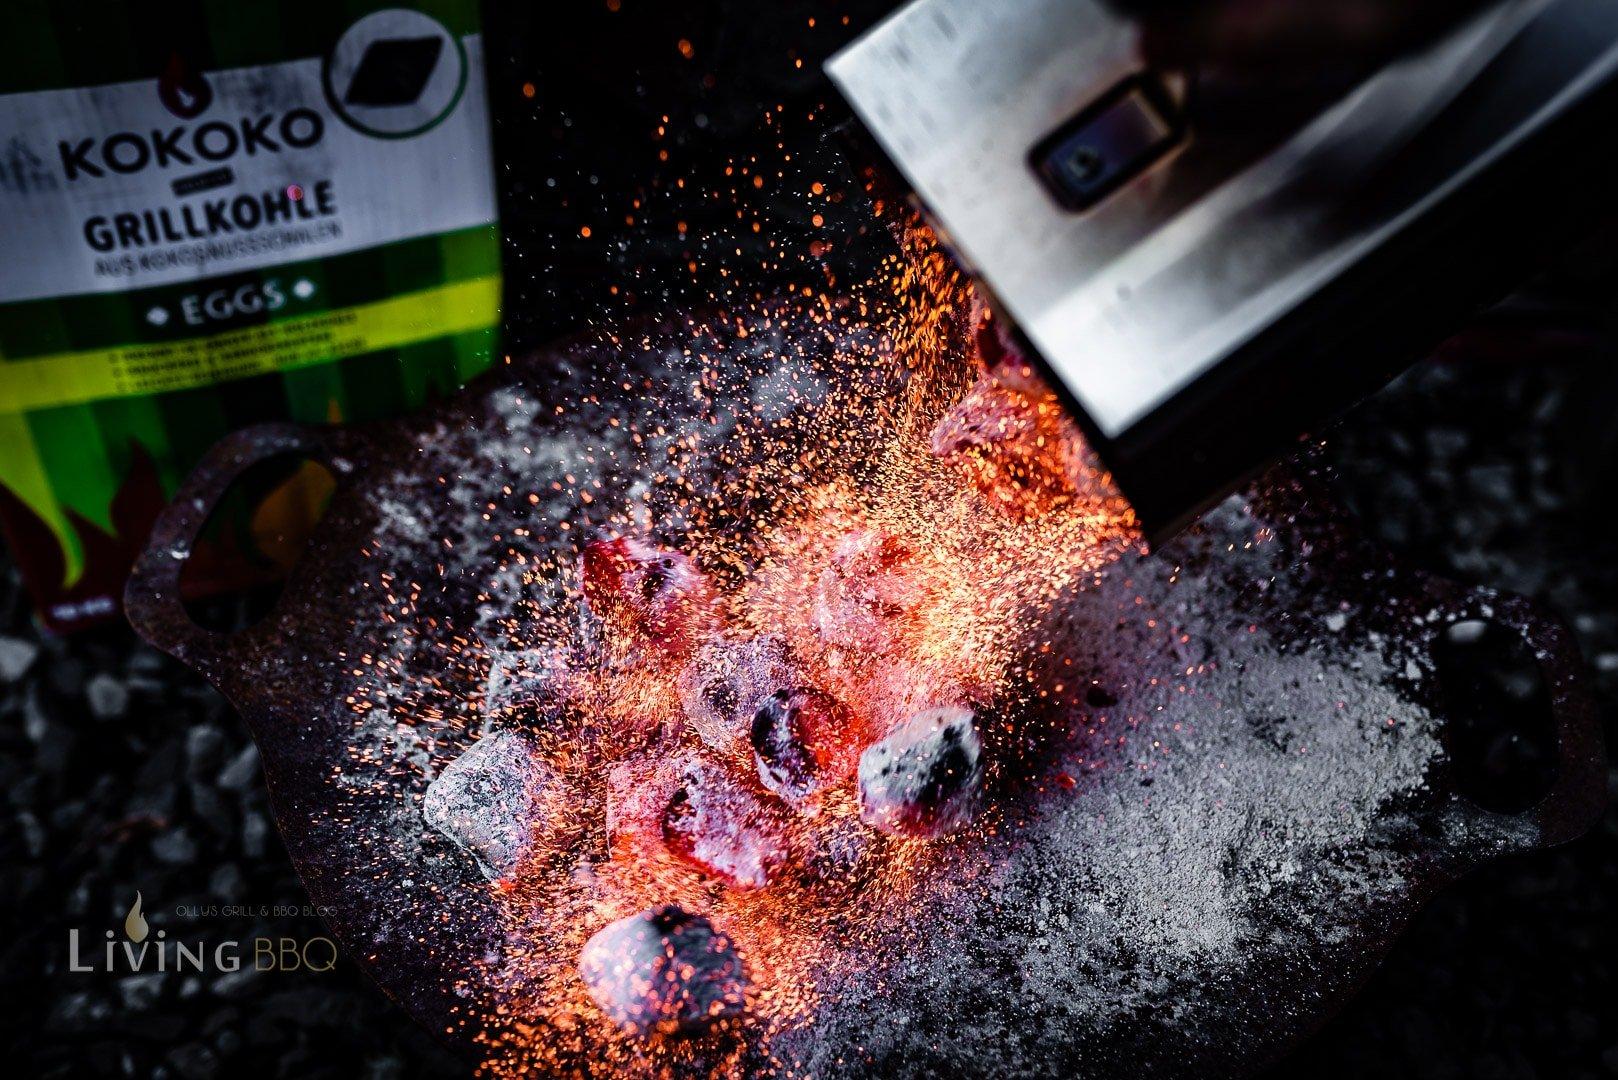 Grillkohle auf der Feuerschale vorbereiten